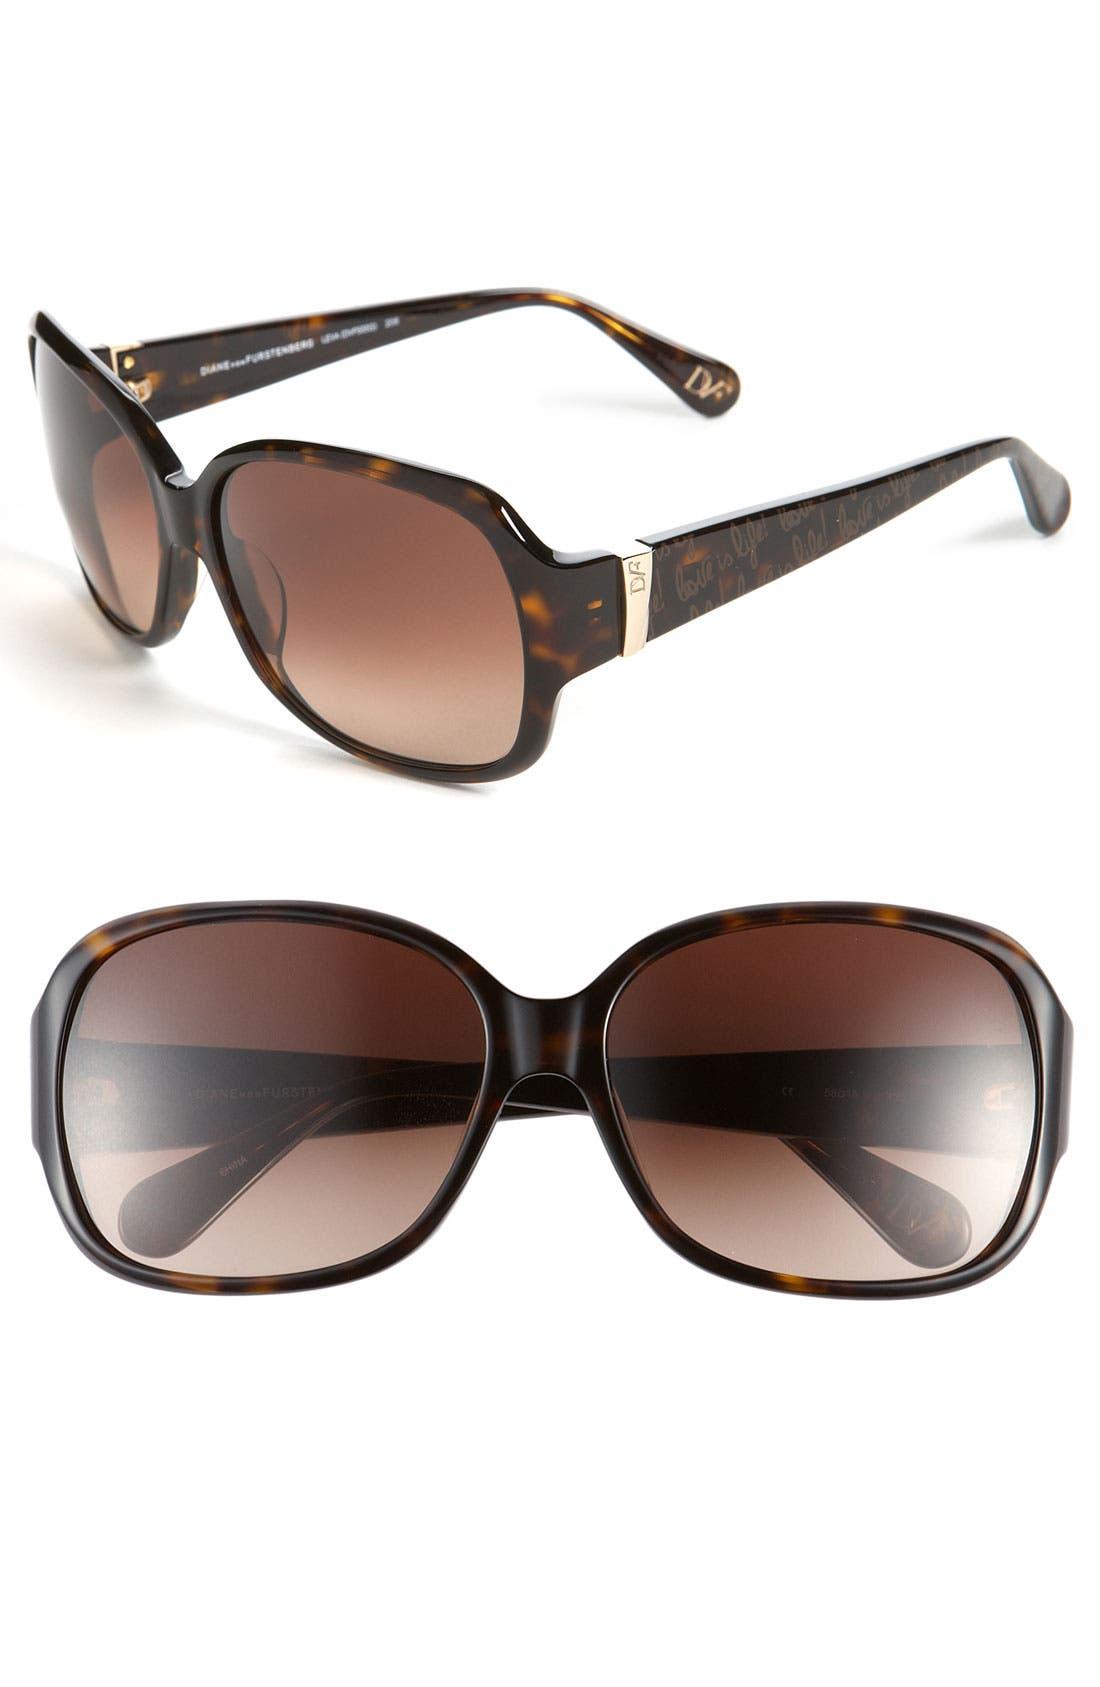 Alternate Image 1 Selected - Diane von Furstenberg 'Classic' Sunglasses